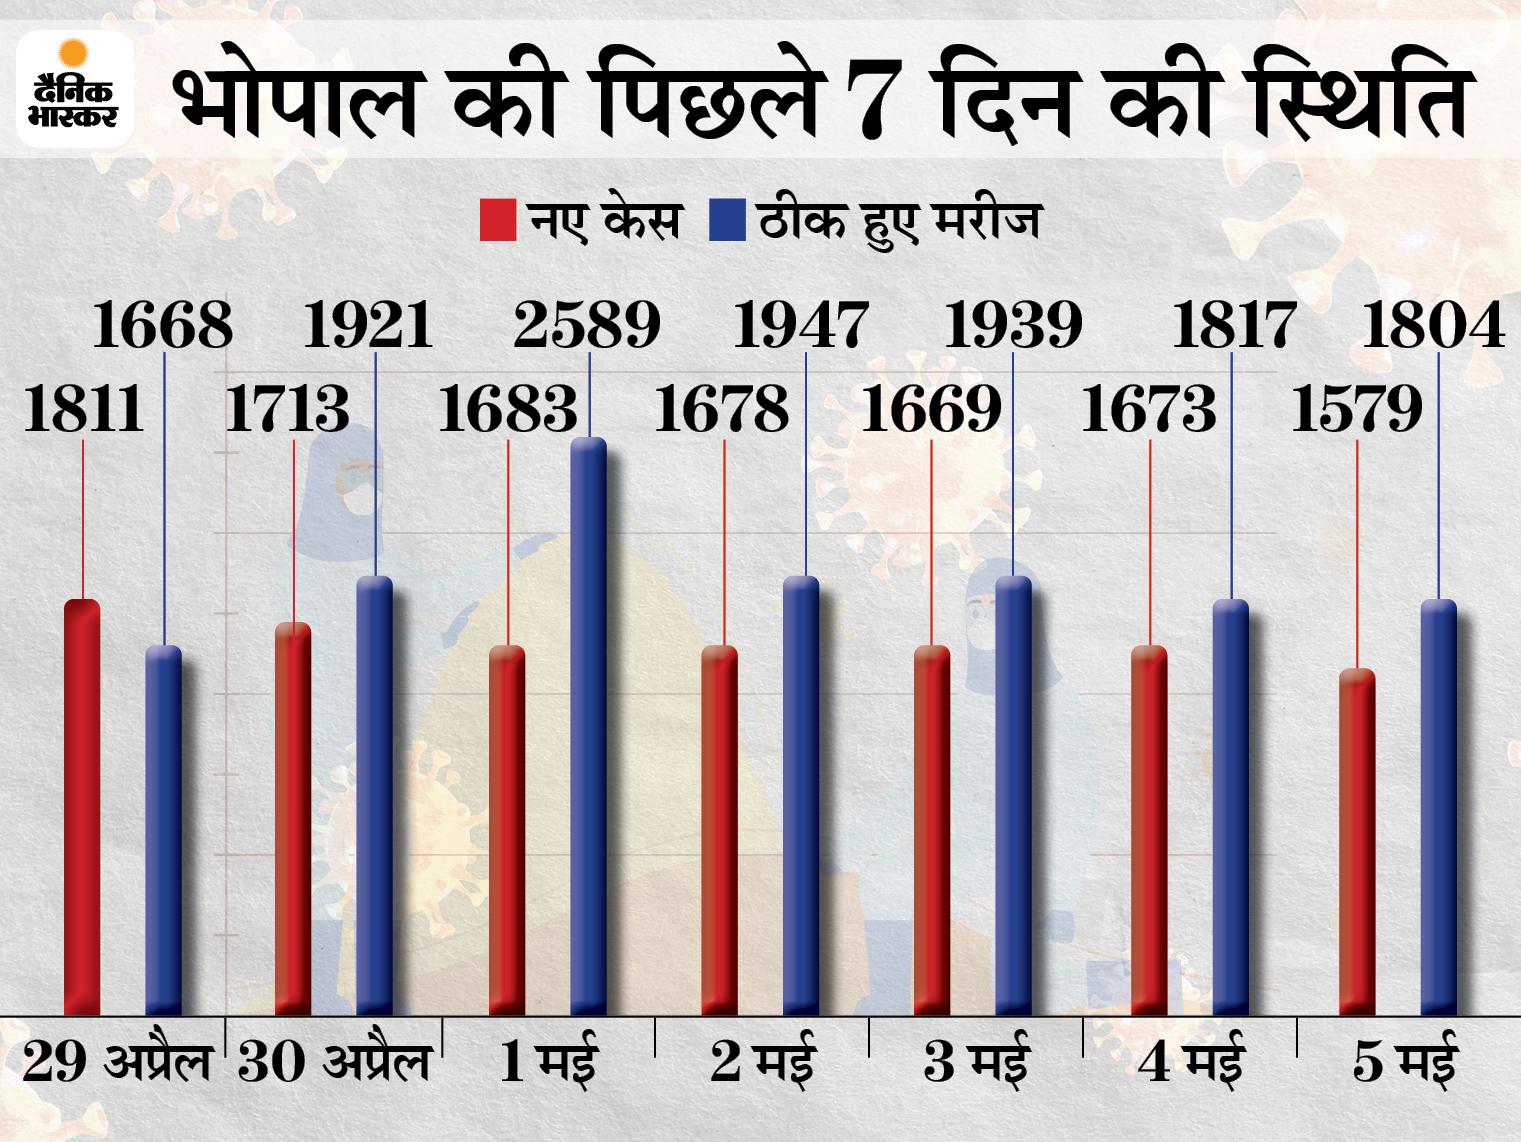 19 दिन में पहली बार कोरोना के नए केस 1600 के नीचे आए; 16 अप्रैल को 1681 संक्रमित मिलने के बाद से लगातार ग्राफ बढ़ रहा था|भोपाल,Bhopal - Dainik Bhaskar